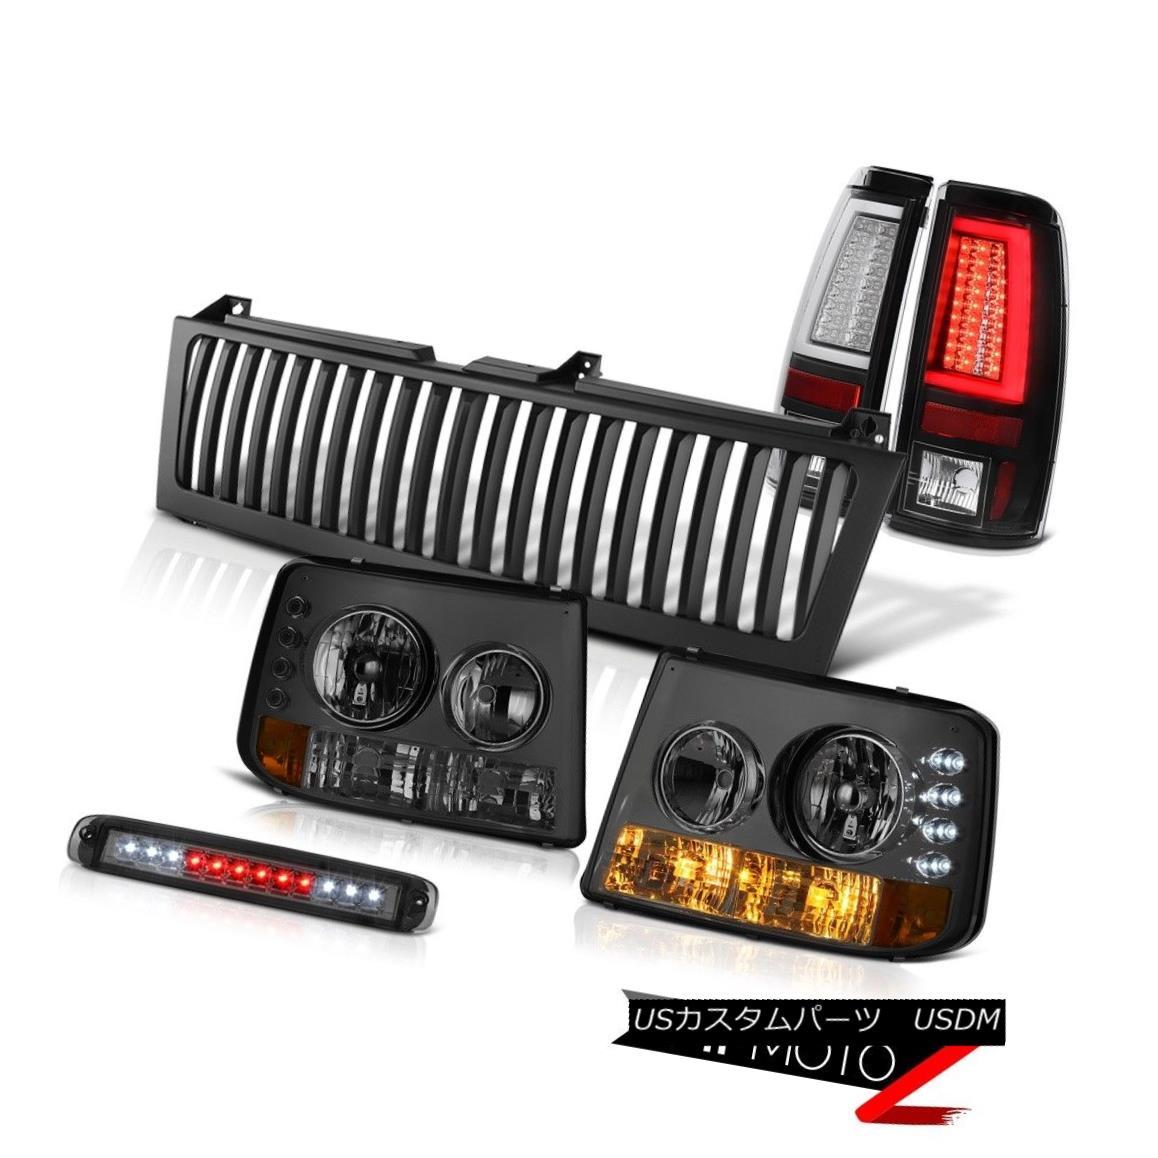 テールライト 99-02 Silverado 6.0L Rear Brake Lights Vertical Grille Smokey 3rd Lamp Tron Tube 99-02 Silverado 6.0Lリアブレーキライト垂直グリルスモーキー第3ランプトロンチューブ